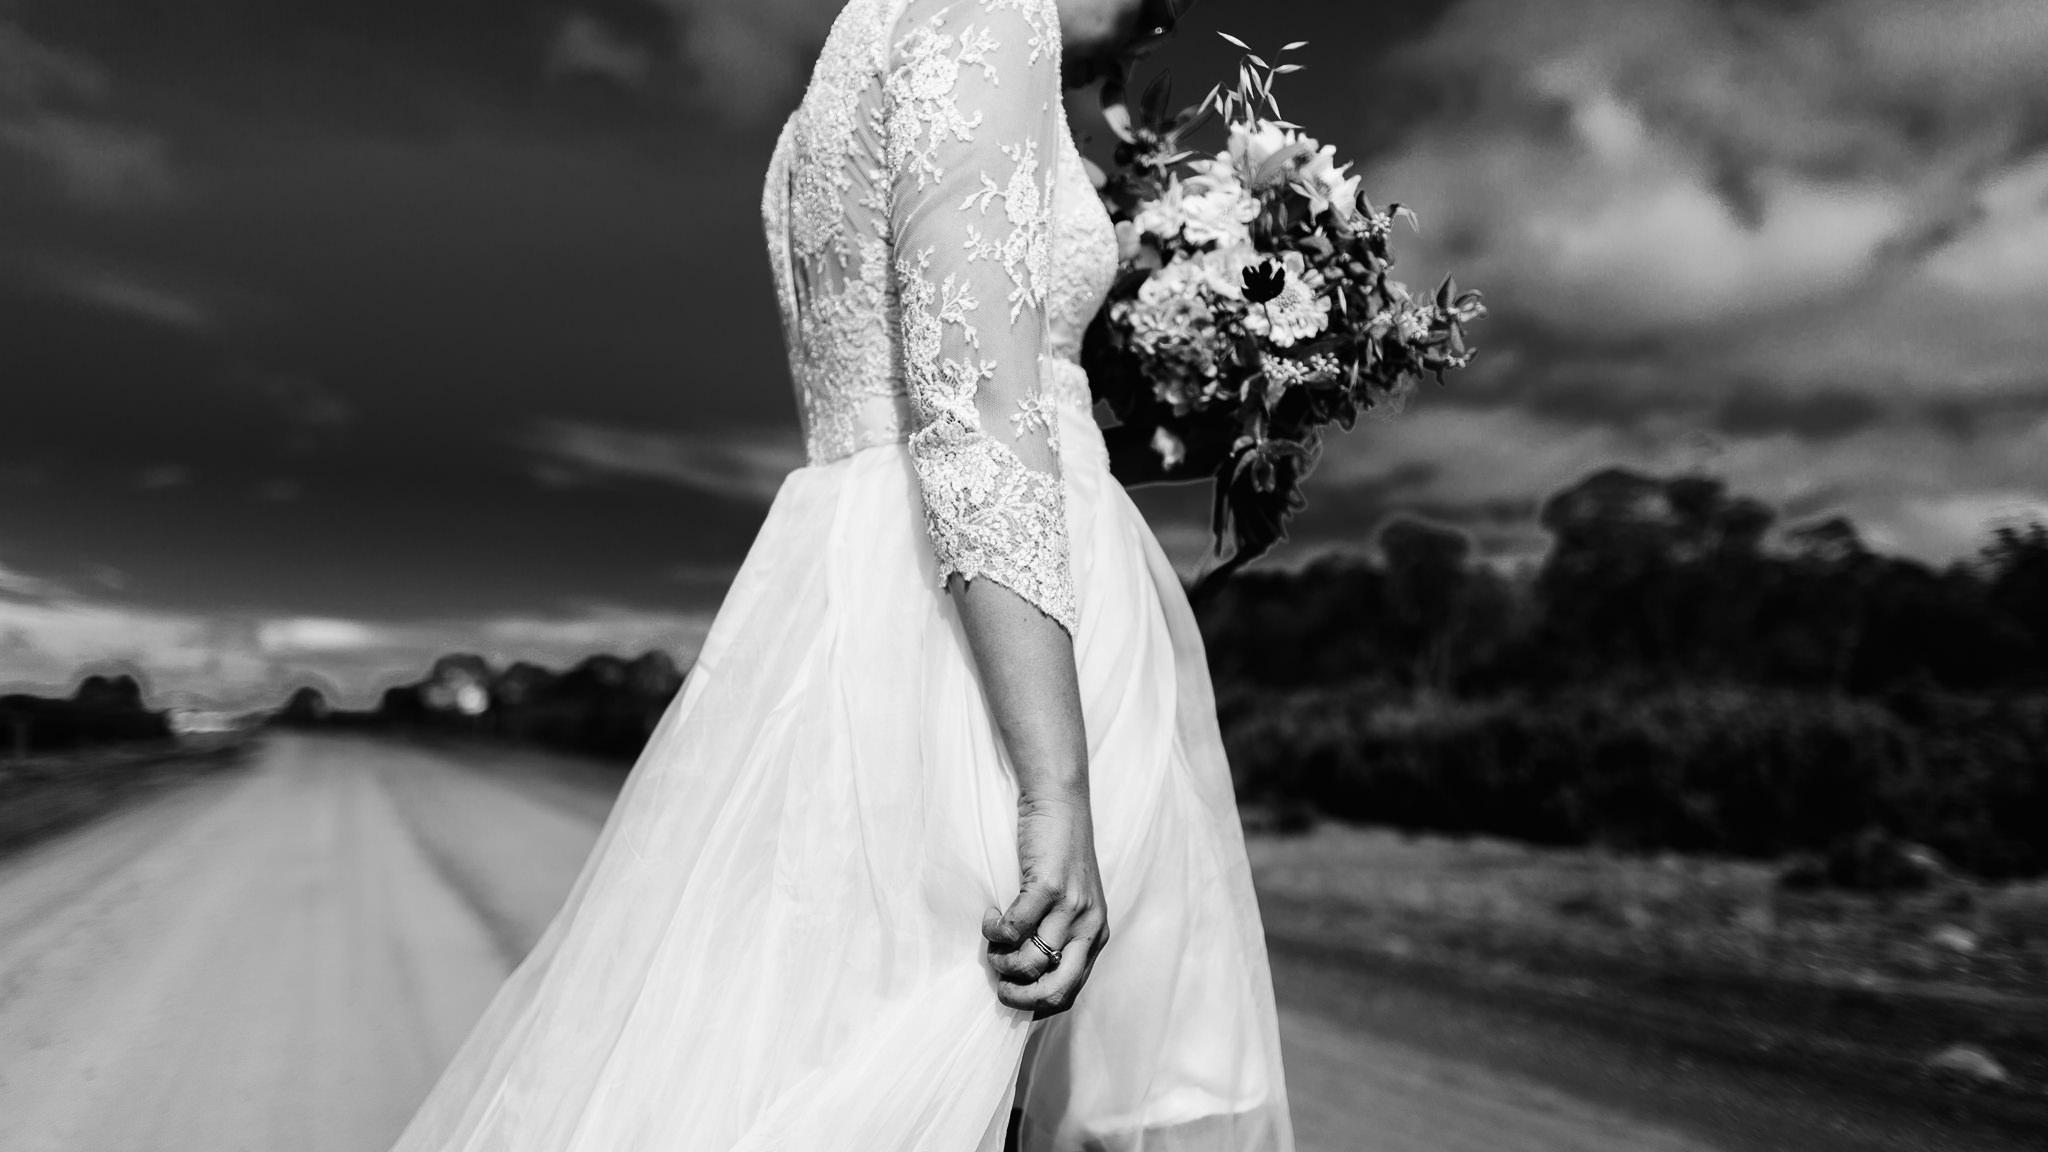 Pumphouse_Point_wedding_photography_elopement644.JPG